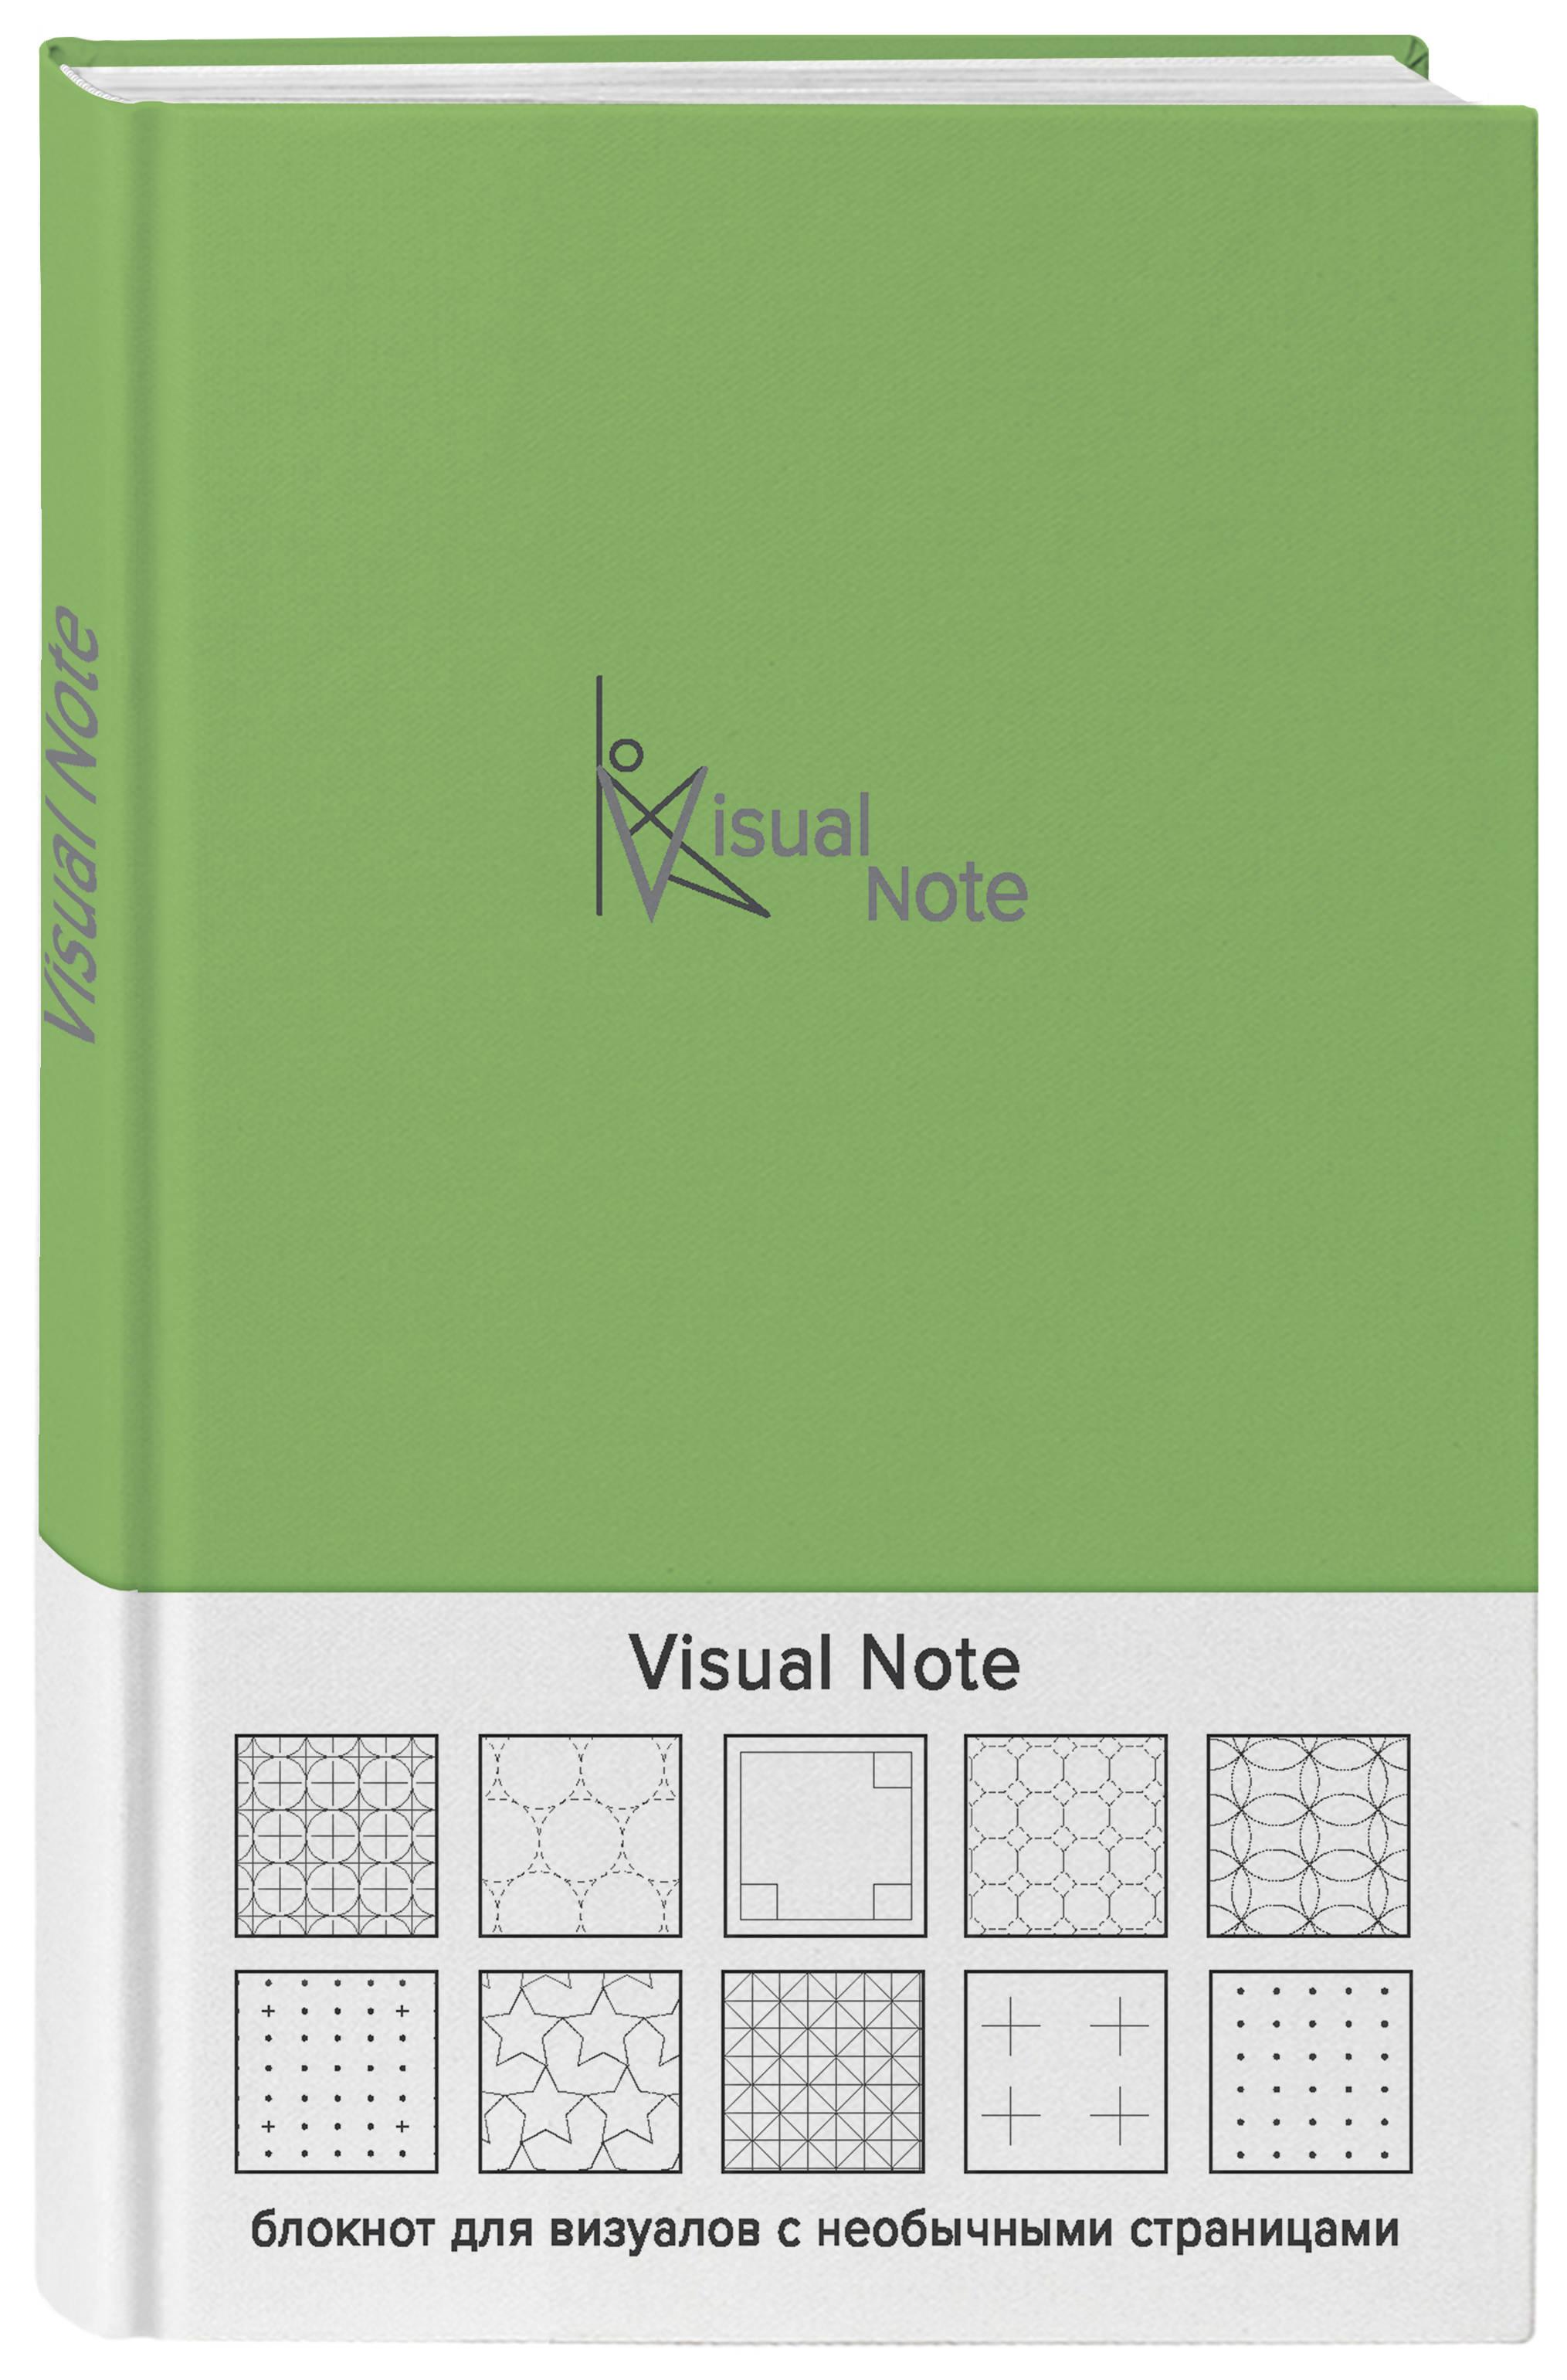 Visual note (оливковый) (Арте) mind ulness утренние страницы лимон скругленные углы